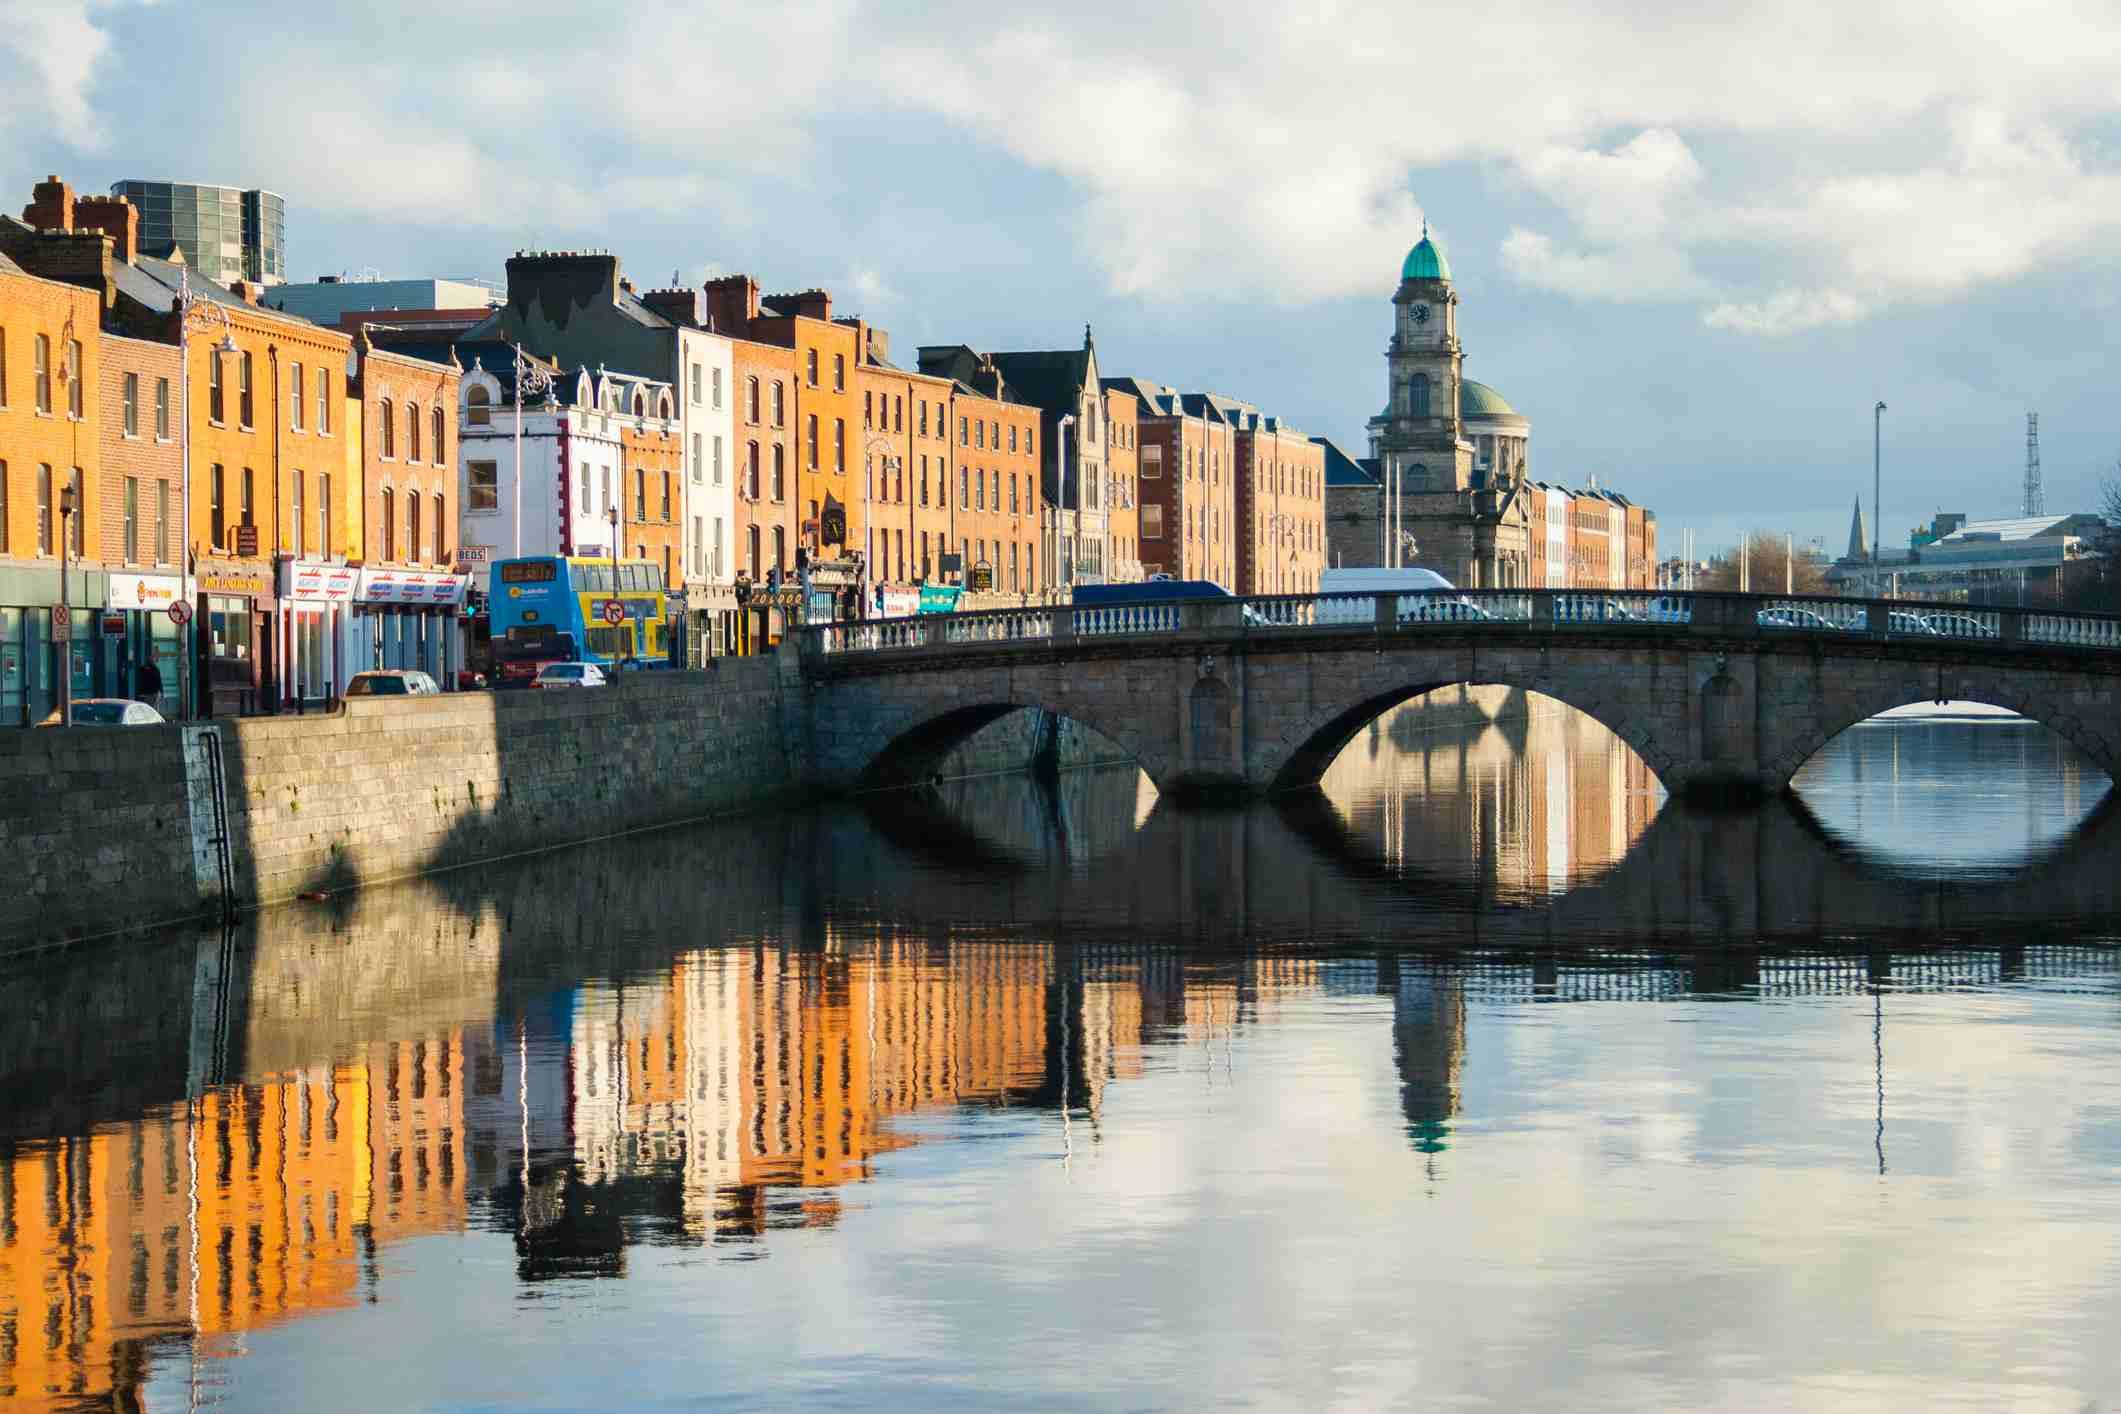 Edificios a lo largo de los muelles reflejados en el río Liffey en la ciudad de Dublín, Irlanda